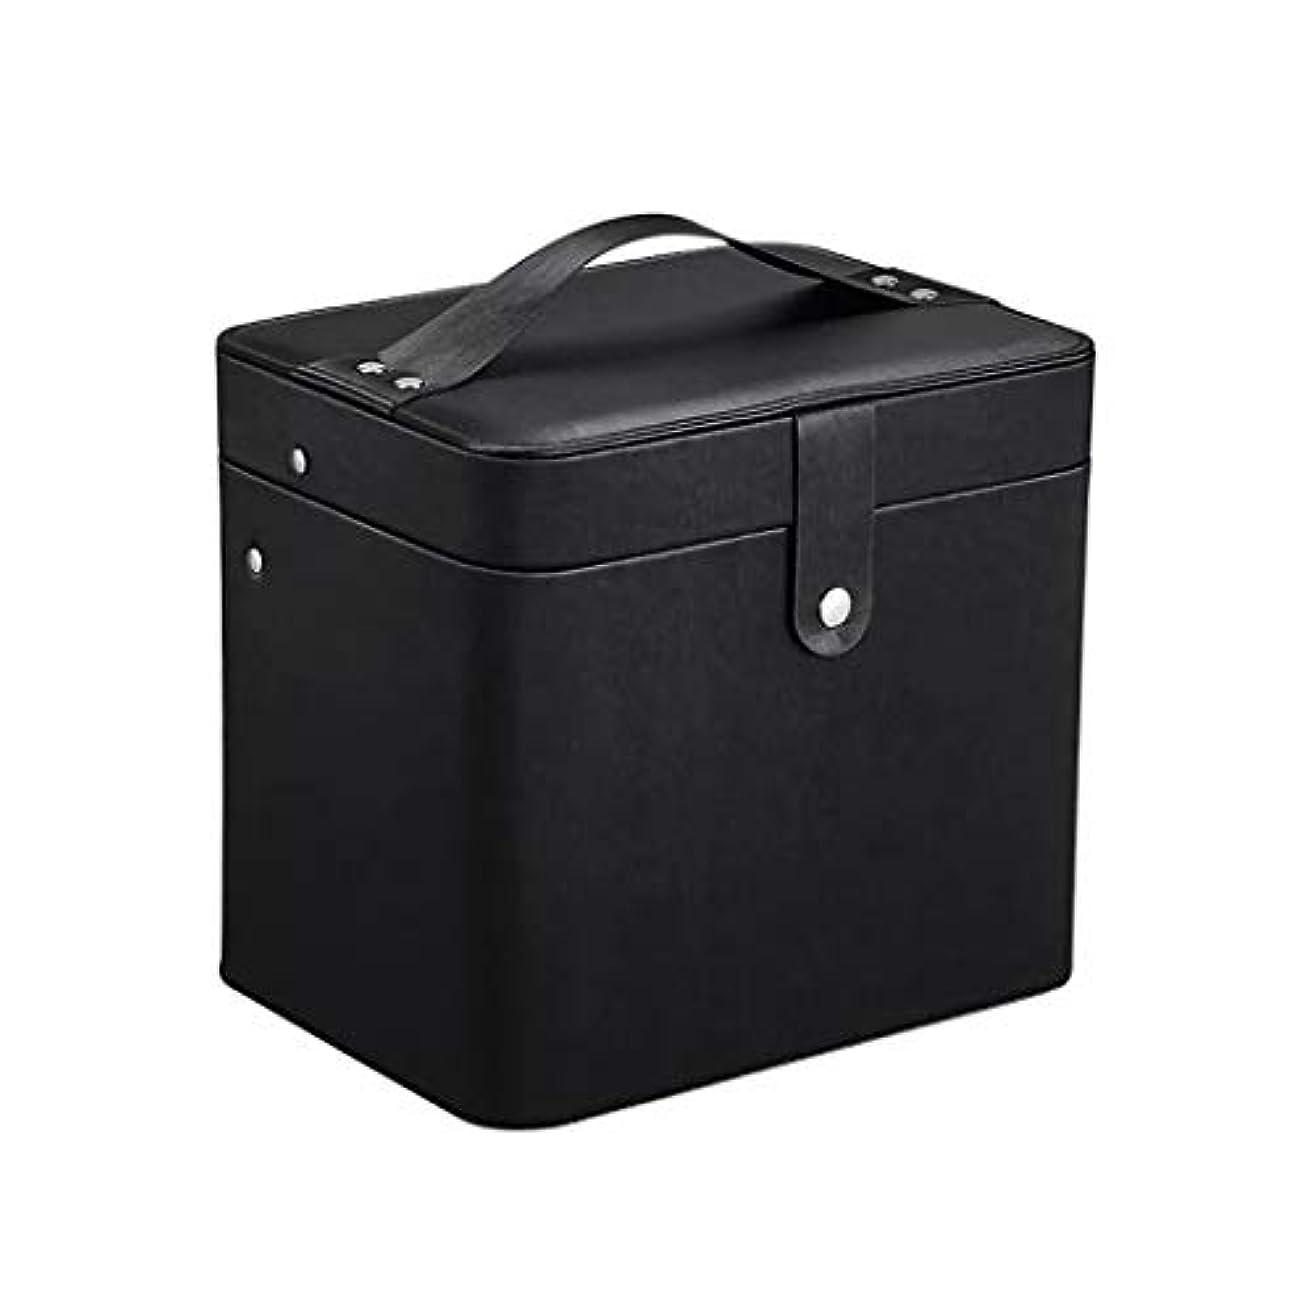 SZTulip コスメボックス メイクボックス 大容量収納ケース メイクブラシ化粧道具 小物入れ 鏡付き 化粧品収納ボックス (ブラック)